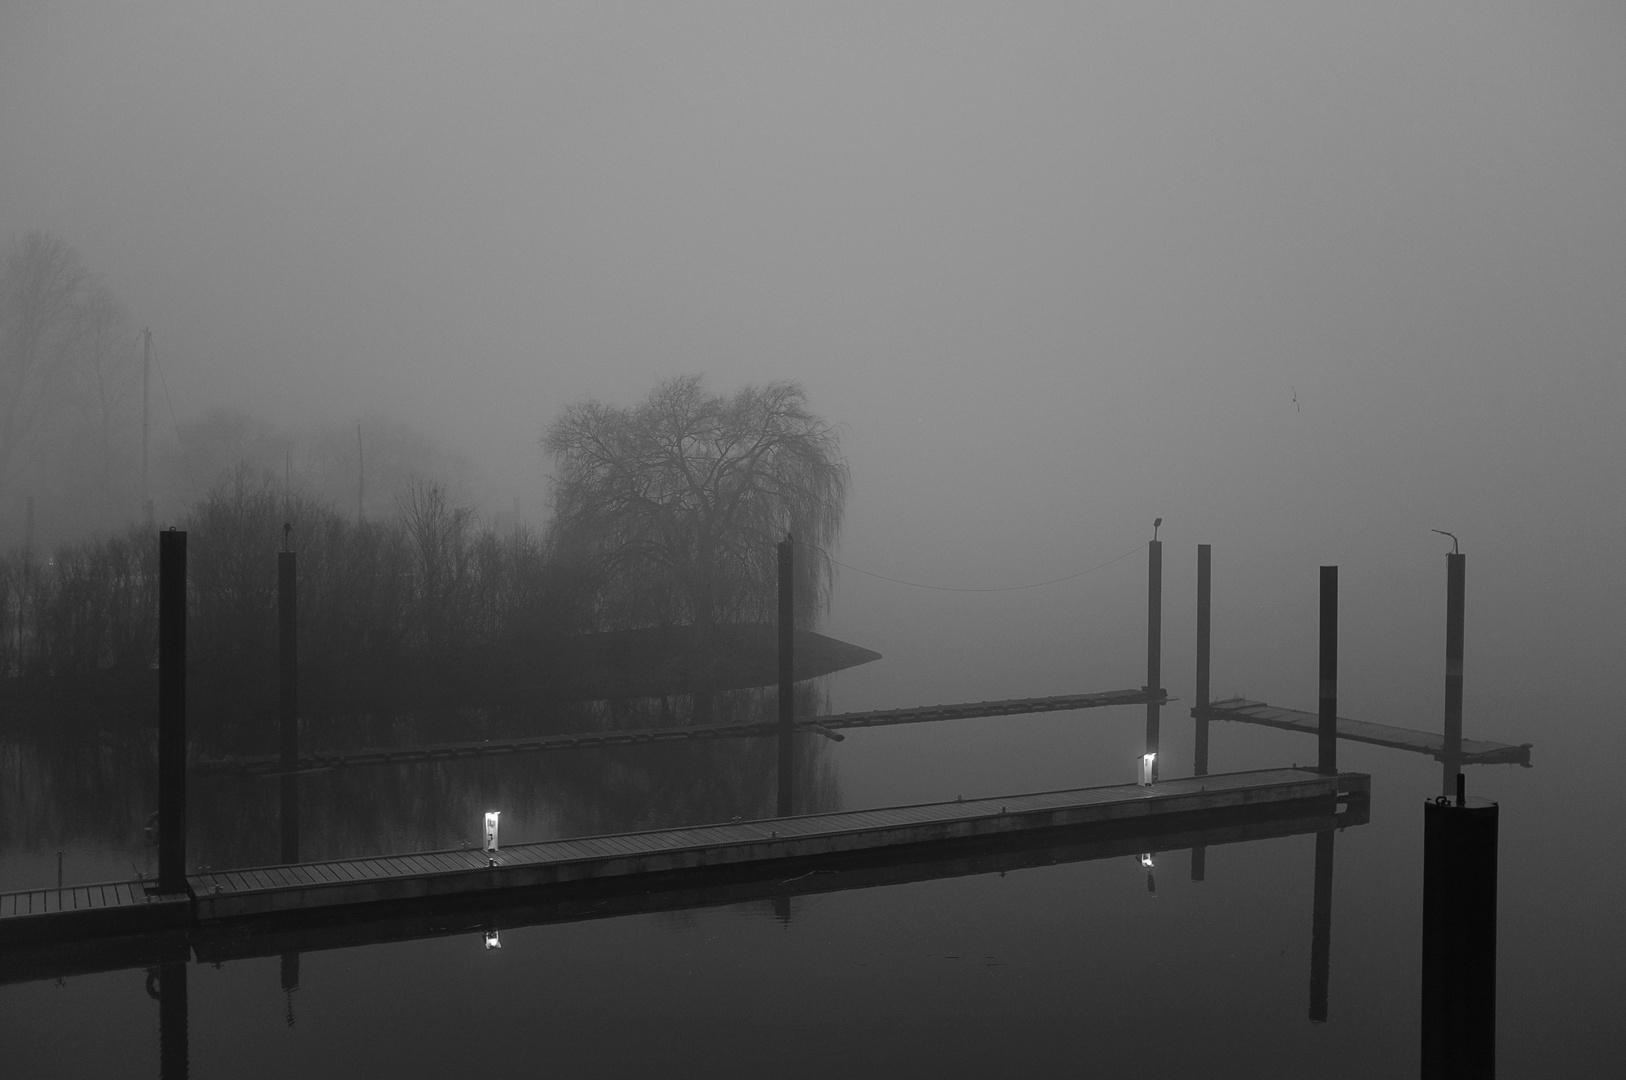 Stille am Fluss